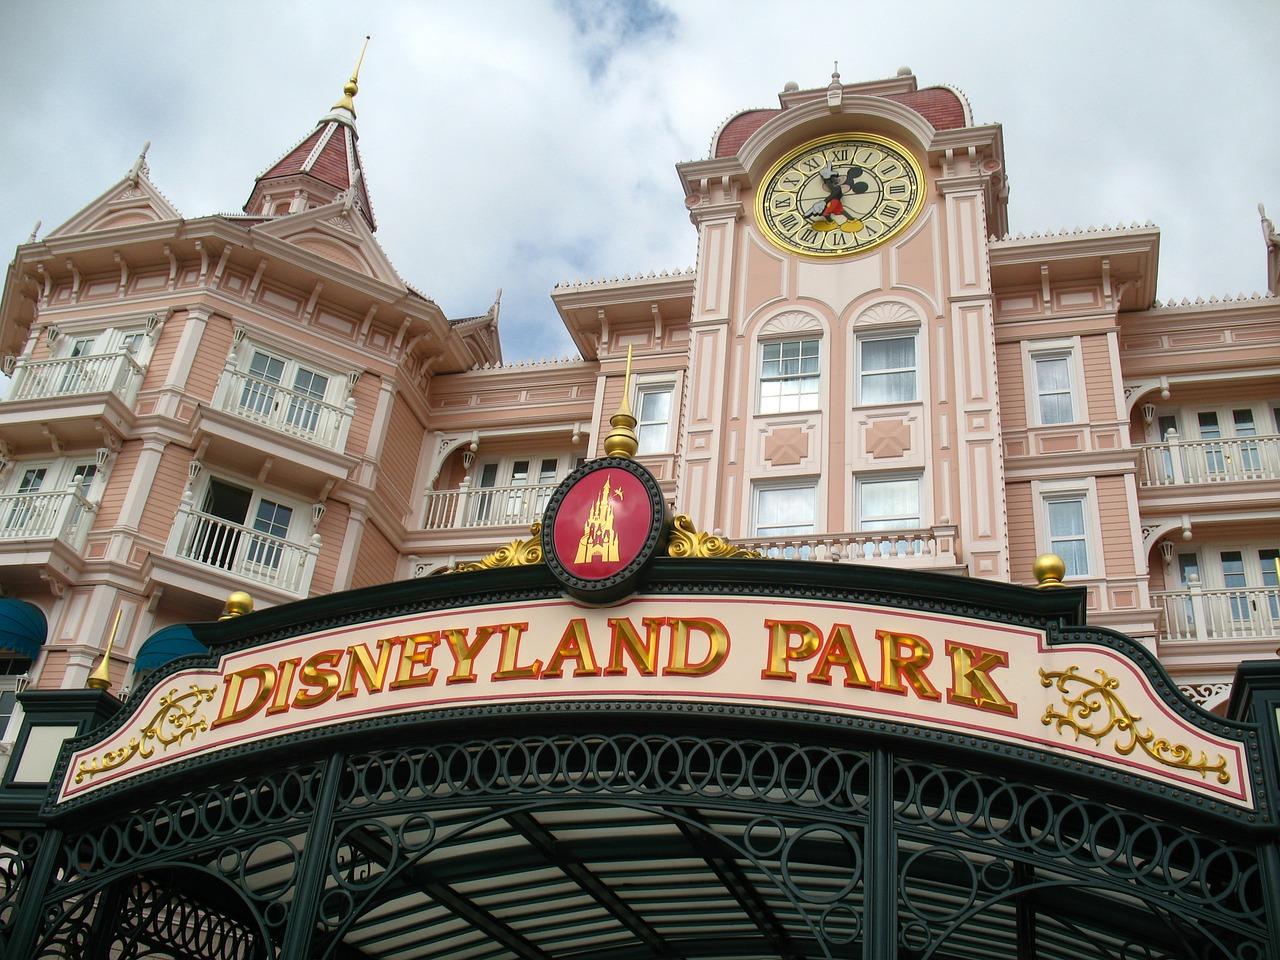 Disneyland Resort Anaheim: magie in Californië